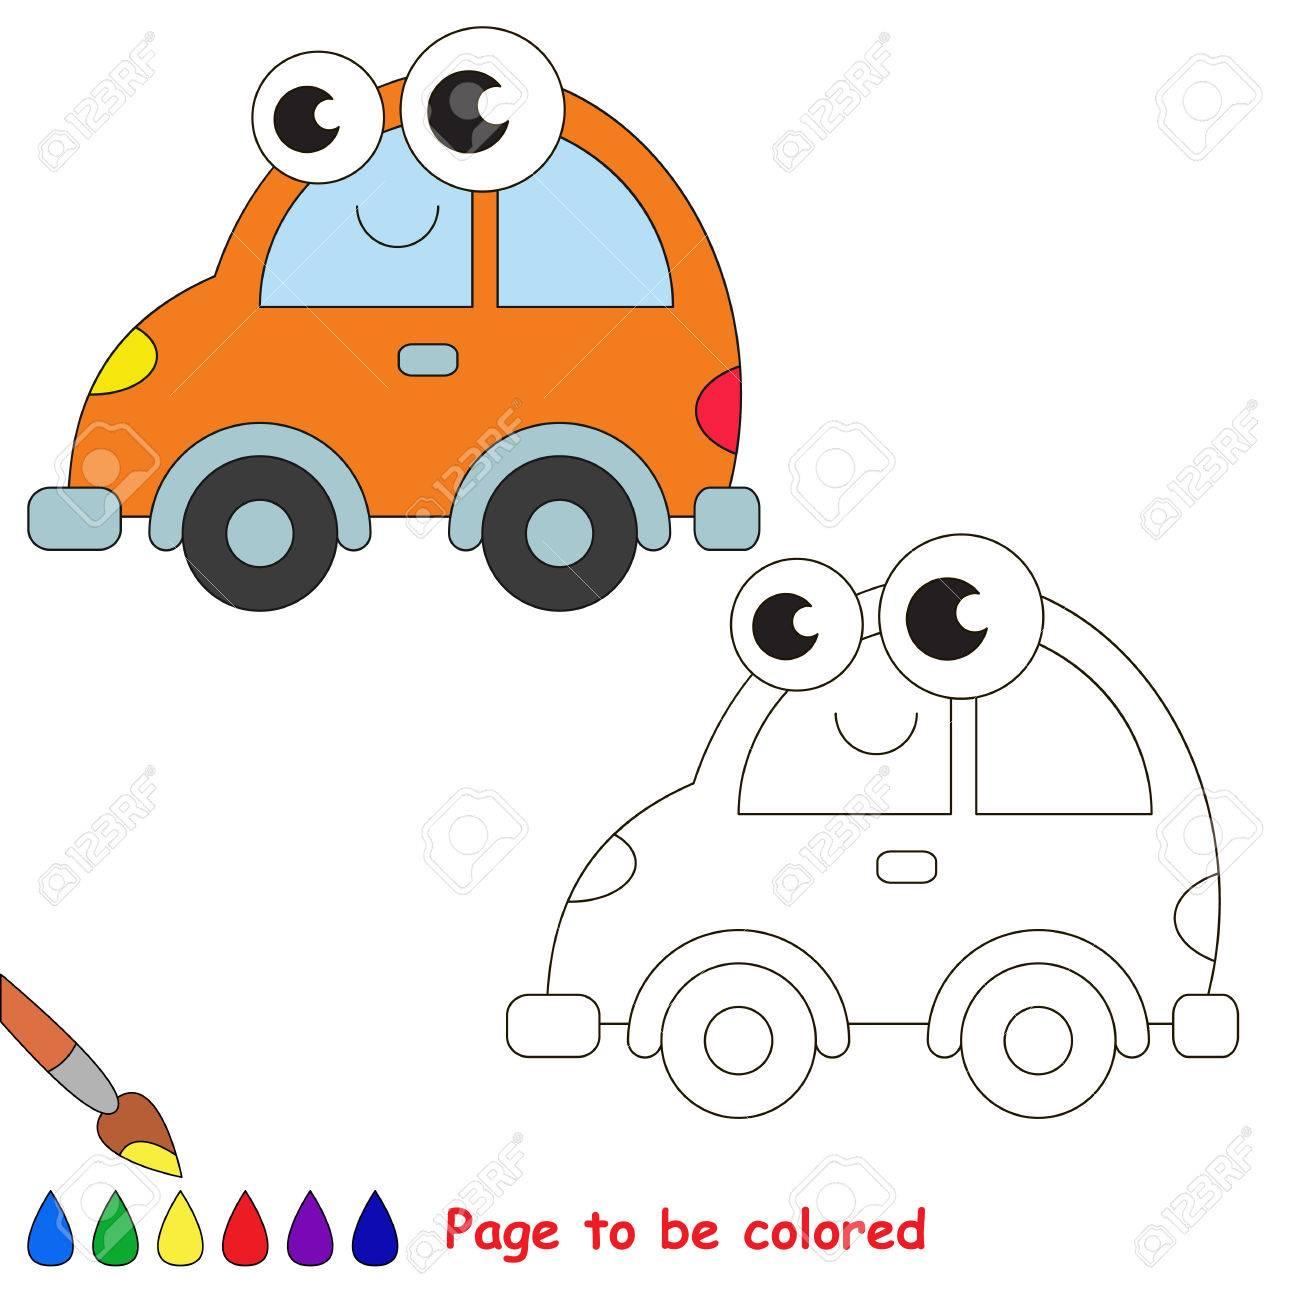 Orange Auto Werden Gefärbt. Malbuch Kinder Zu Erziehen. Erfahren Sie ...